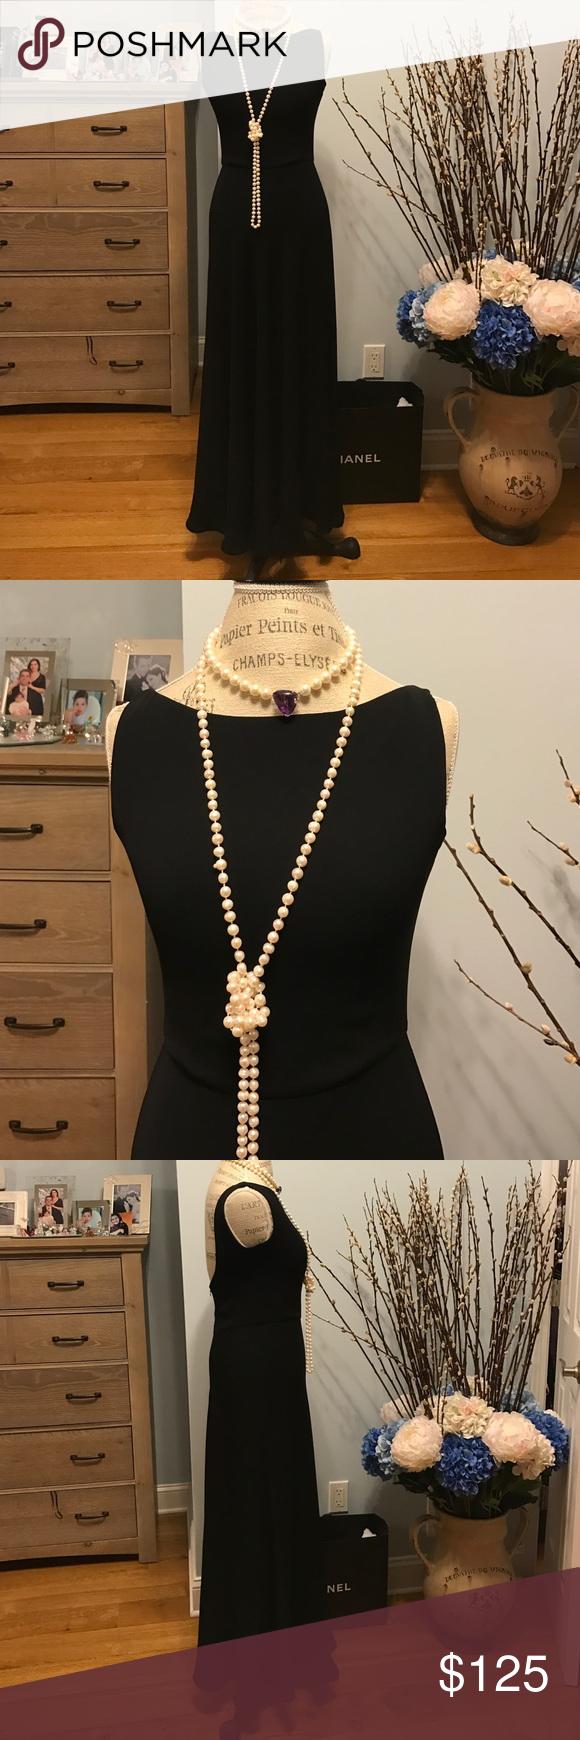 STUNNING GALA BLACK DRESS RALPH LAUREN STUNNING GALA BLACK DRESS. Long black invisible zipper. Very deep exposed back. Long flowy skirt. Never worn. Ralph Lauren Dresses Wedding